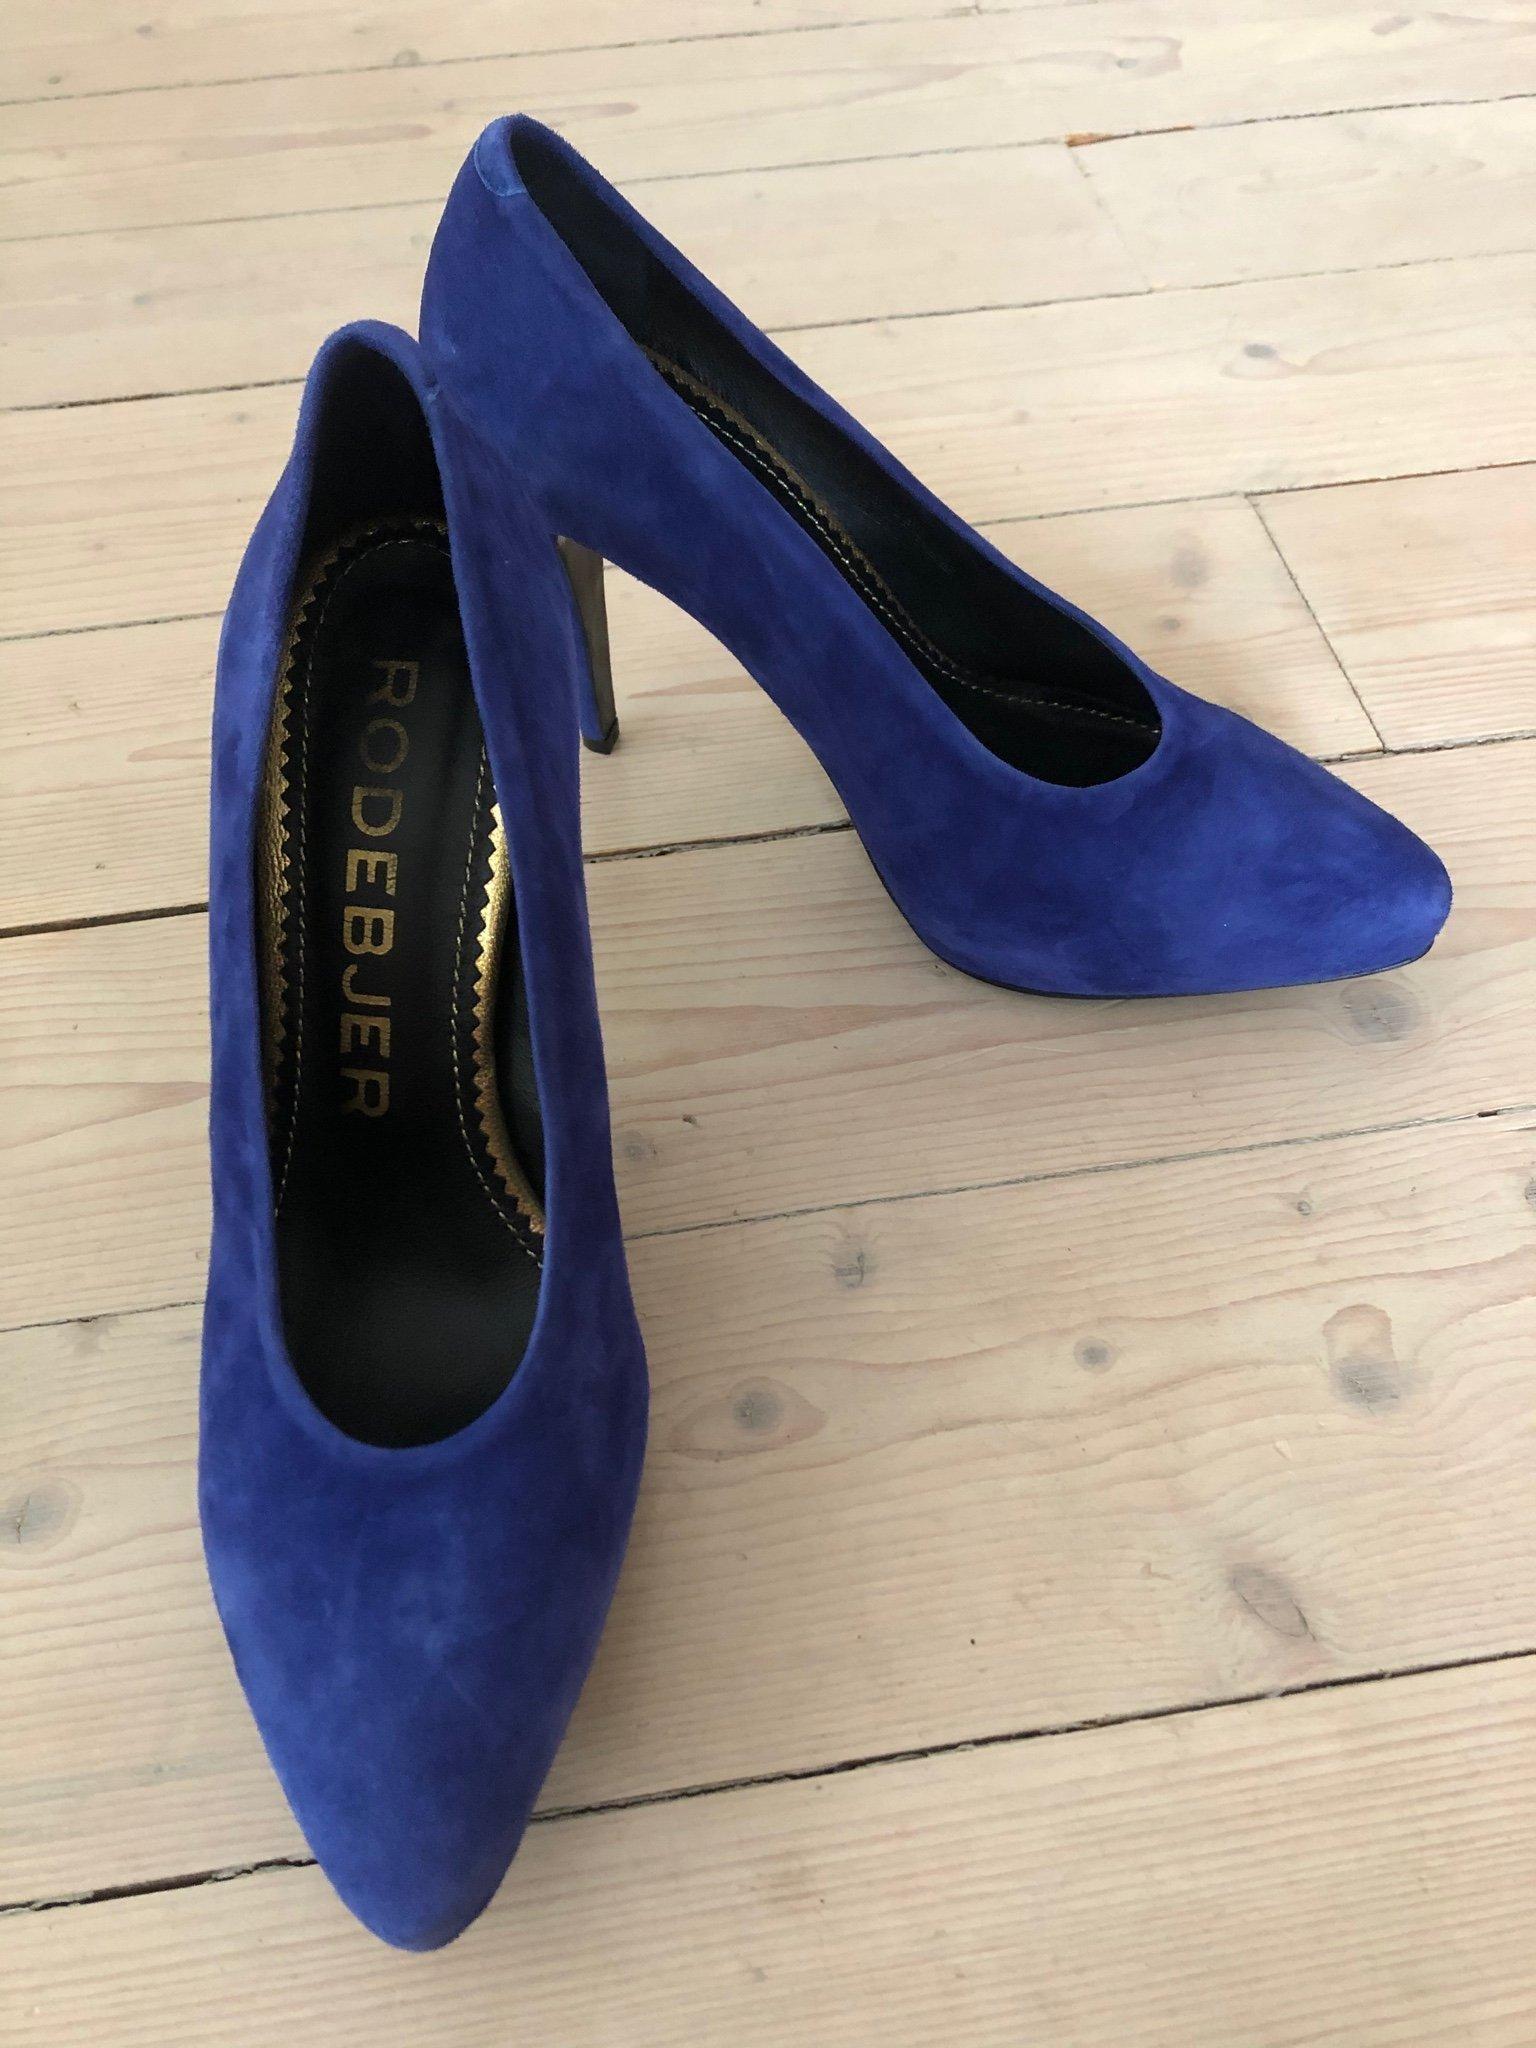 Rodebjer skor blå, storlek 39 (406056797) ᐈ Köp på Tradera